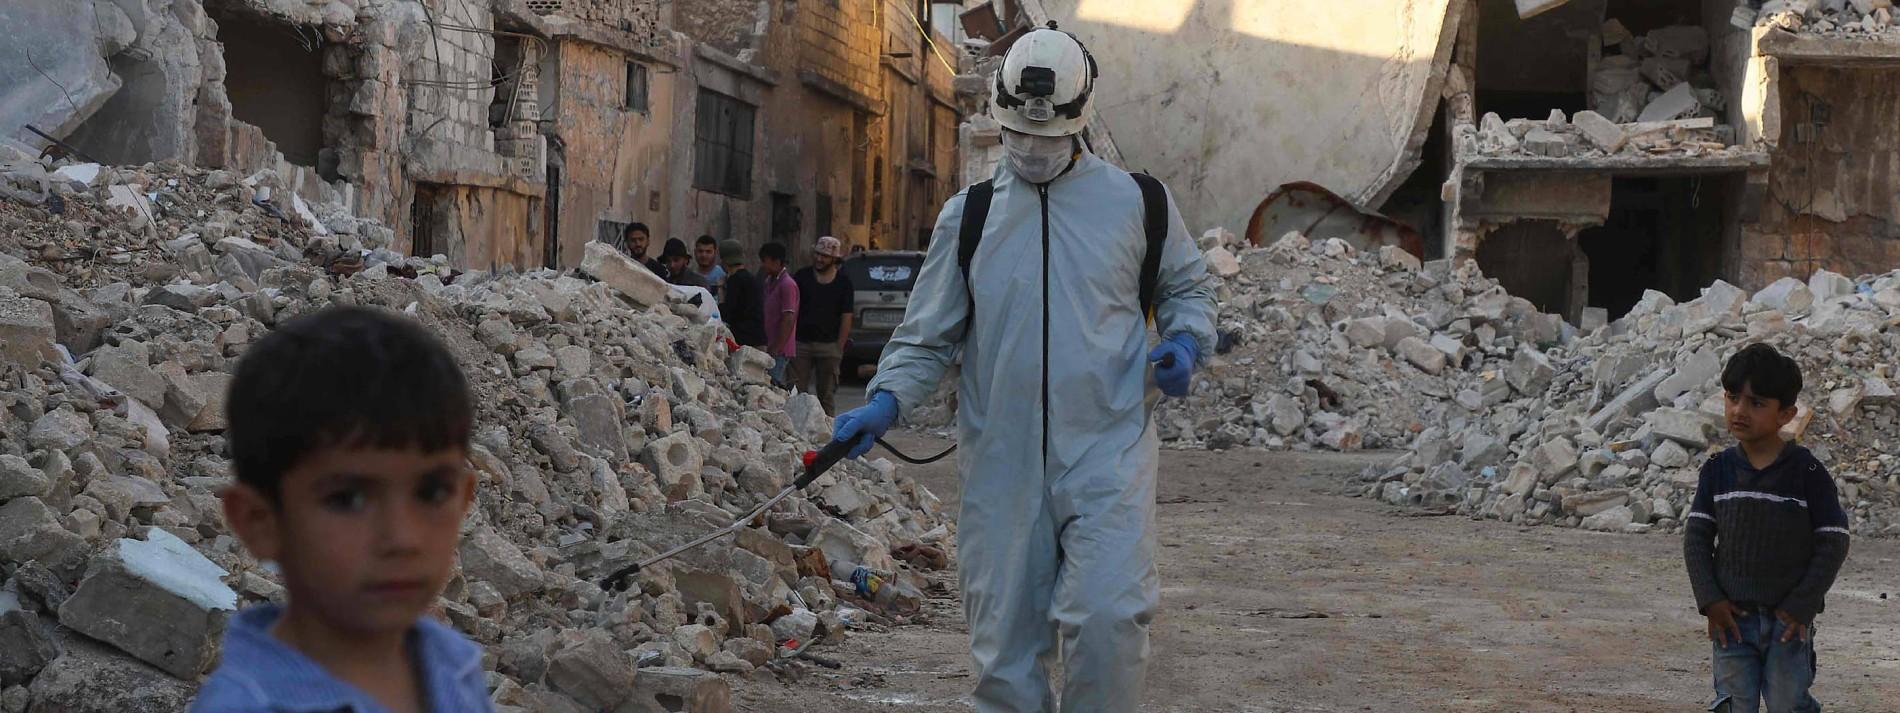 Syrien und Russland greifen offenbar gezielt Schulen und Krankenhäuser an